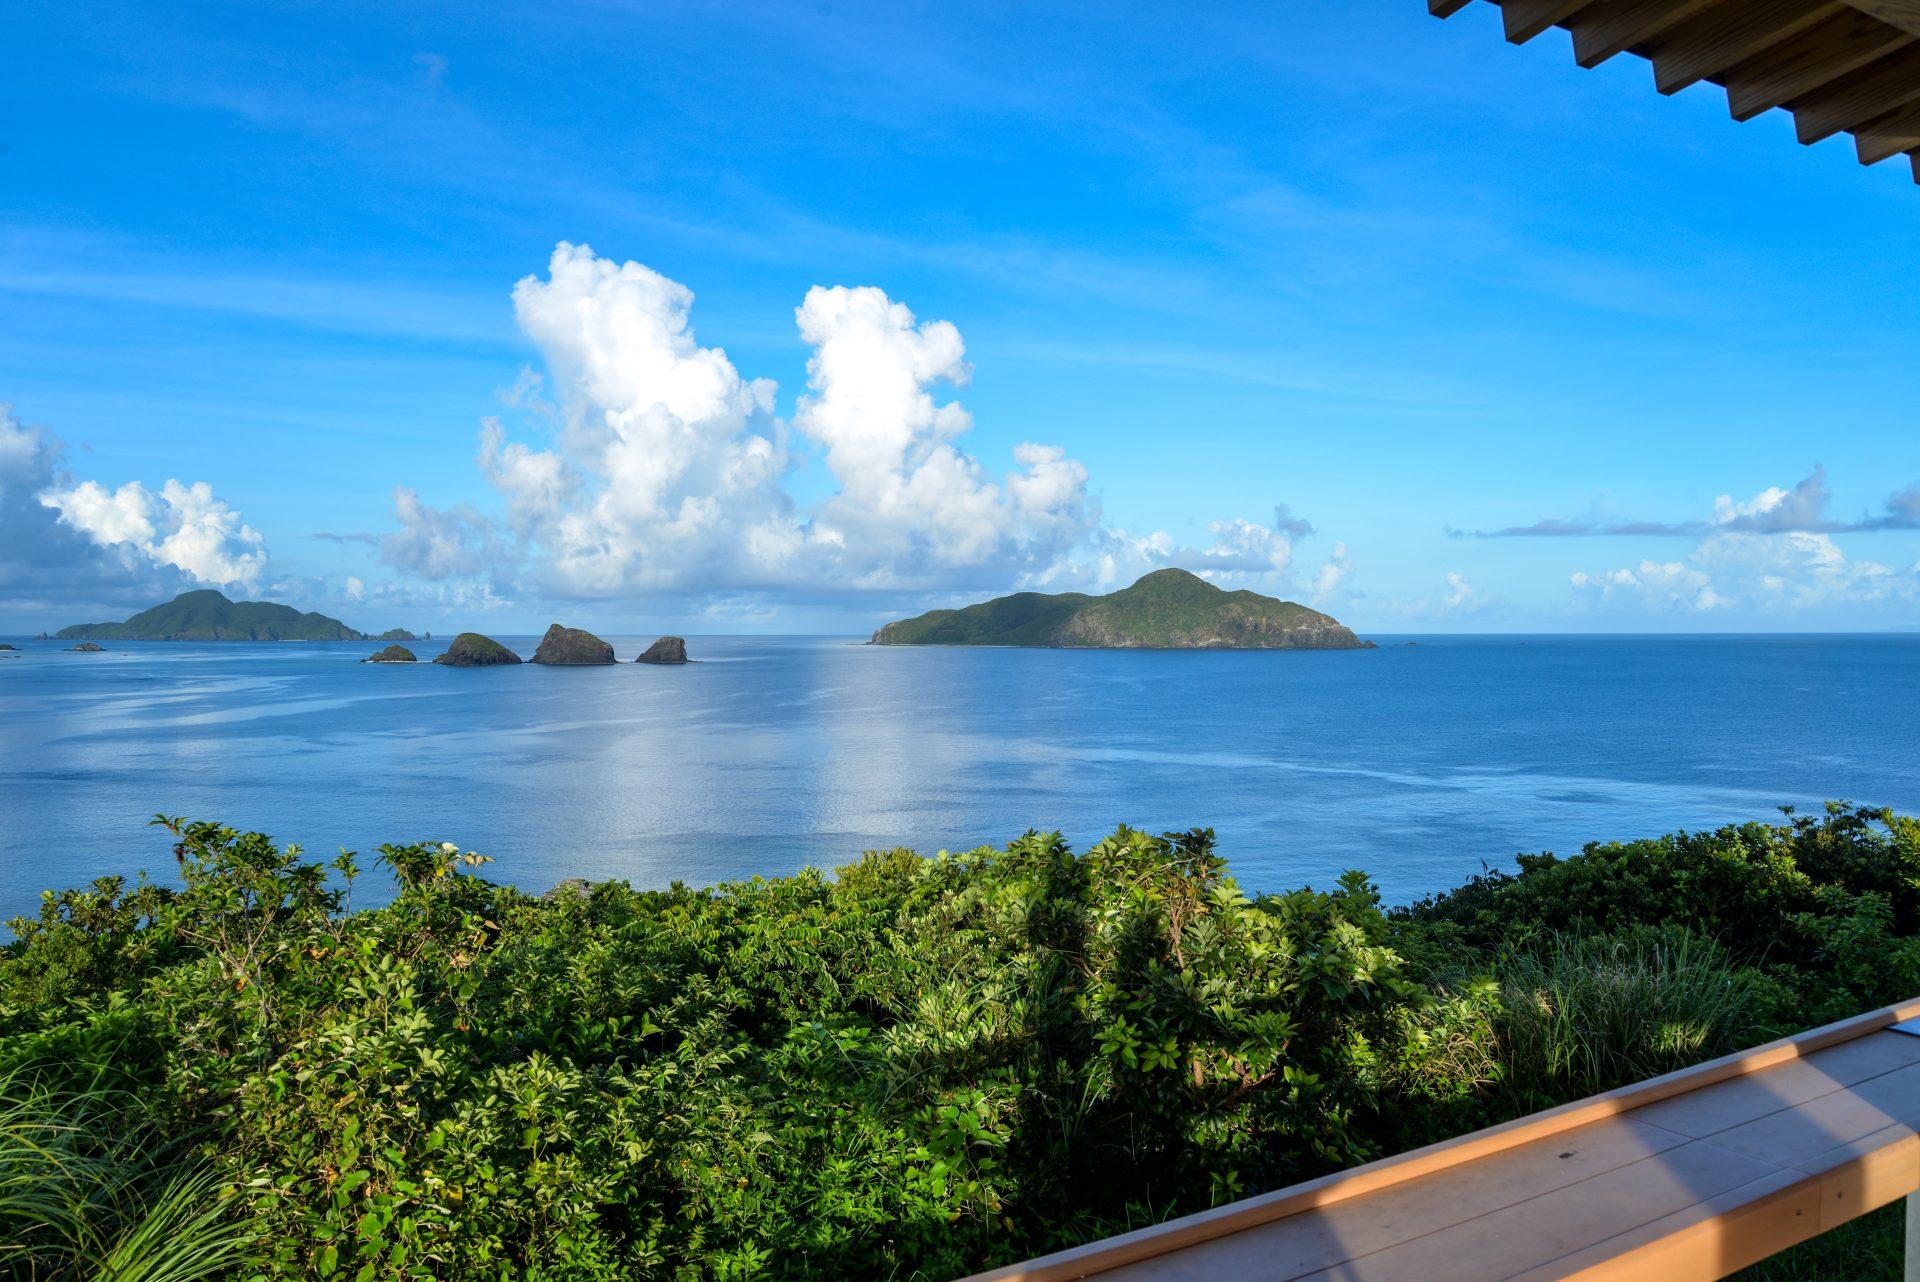 ゆったりとした島時間、なにして過ごす? そうだ、海を見に行こう!座間味島の絶景スポット6選